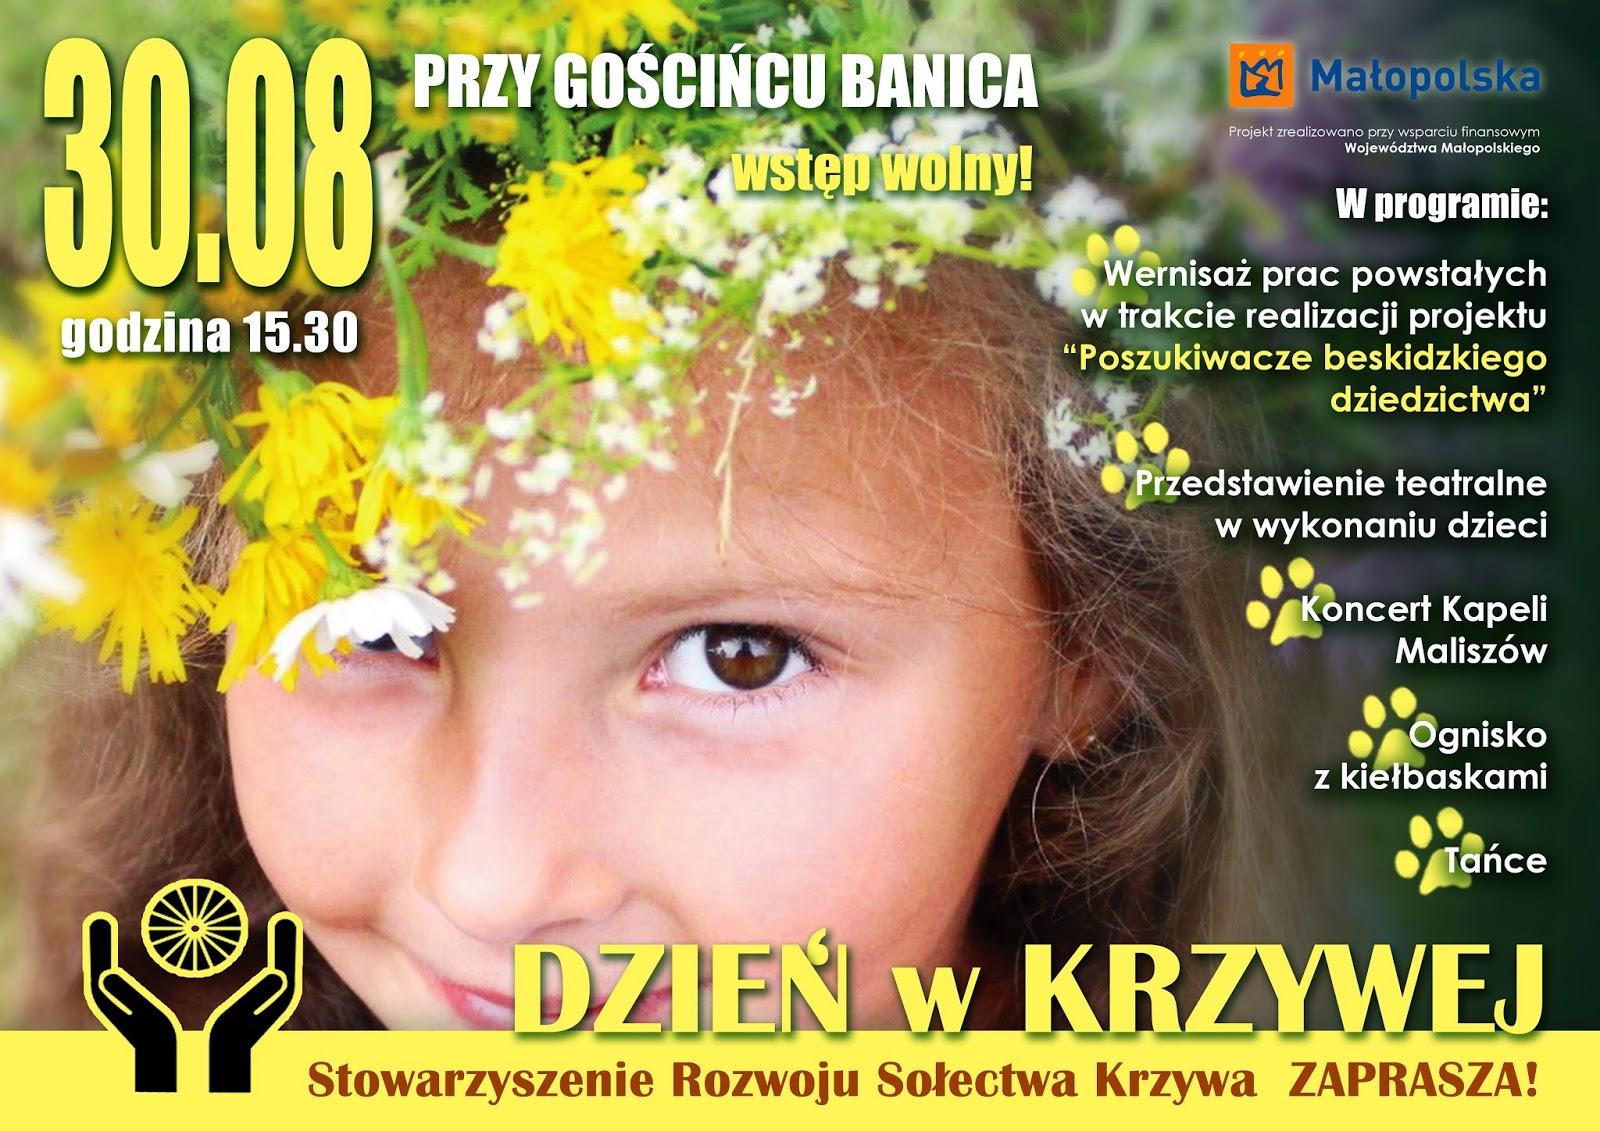 Baśnie na warsztacie, Krzywa, Wołowiec, Kasiadorota.com, Mateusz Świstak, Stowarzyszenie sołectwa Krzywa